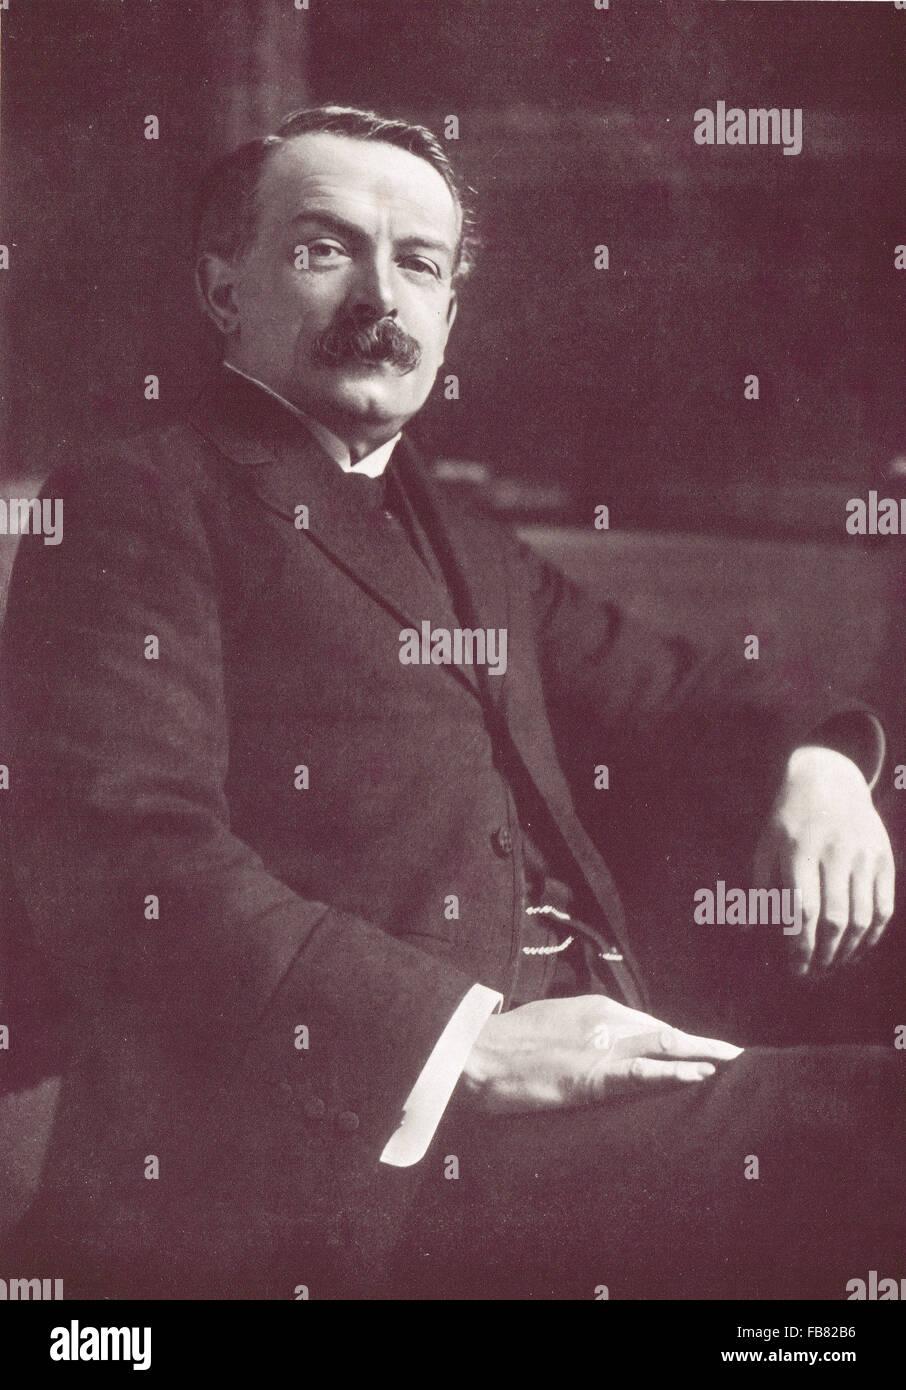 Liberal statesman David Lloyd George 1863-1945 - Stock Image